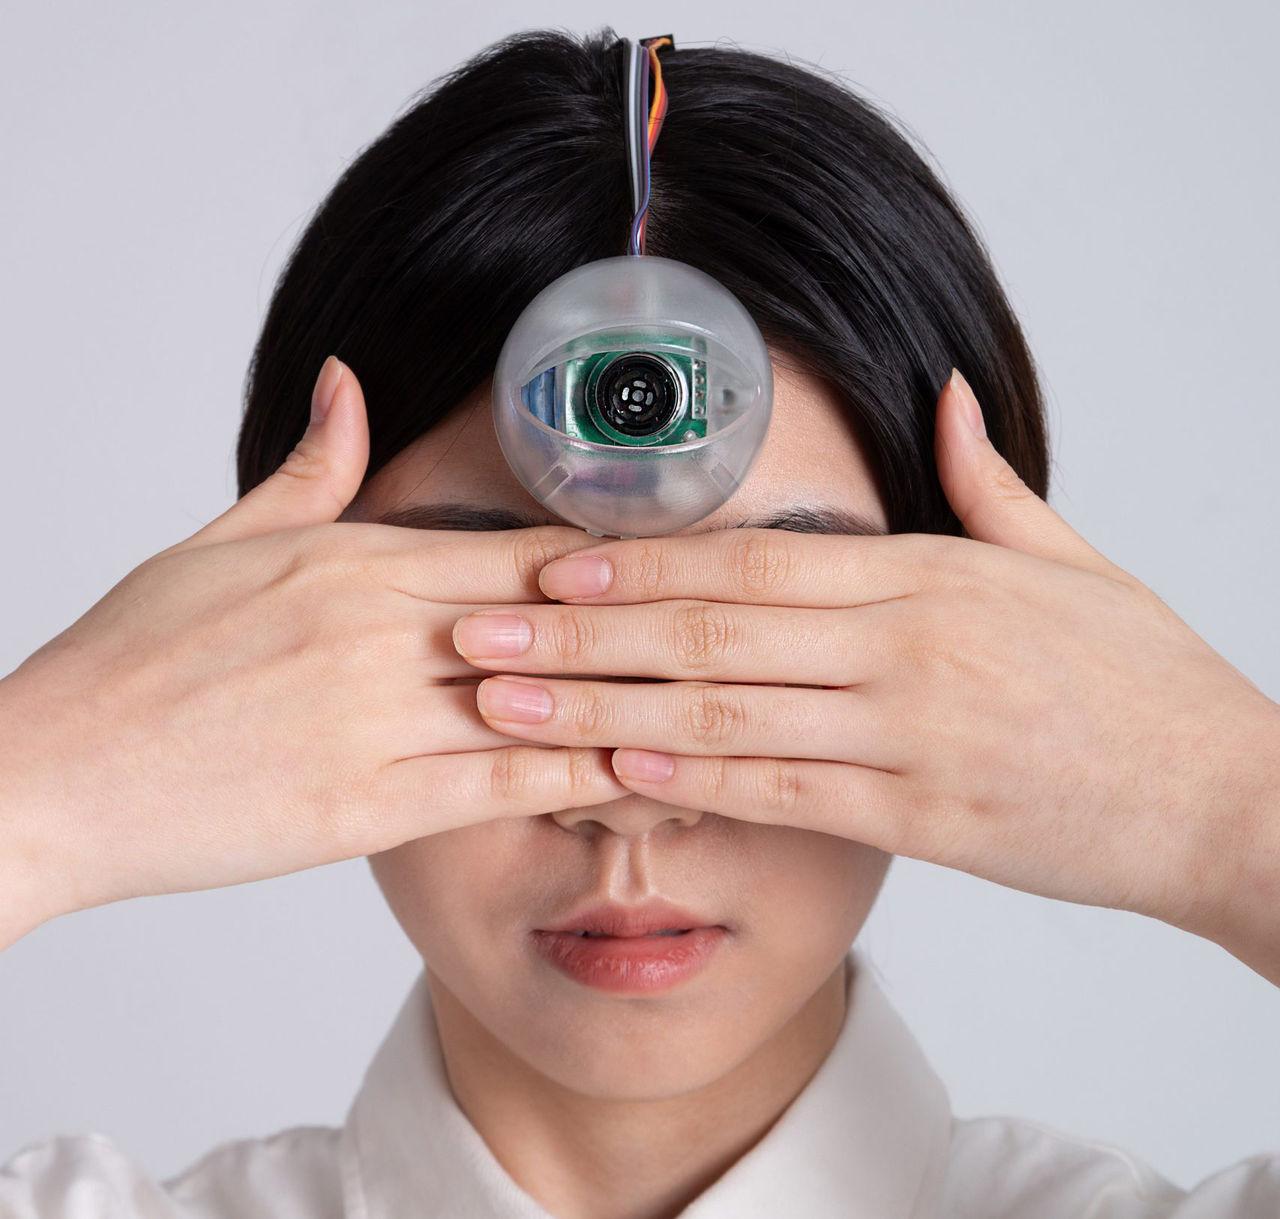 Cyborg-öga hjälper mobilzombies hålla koll på omgivningen